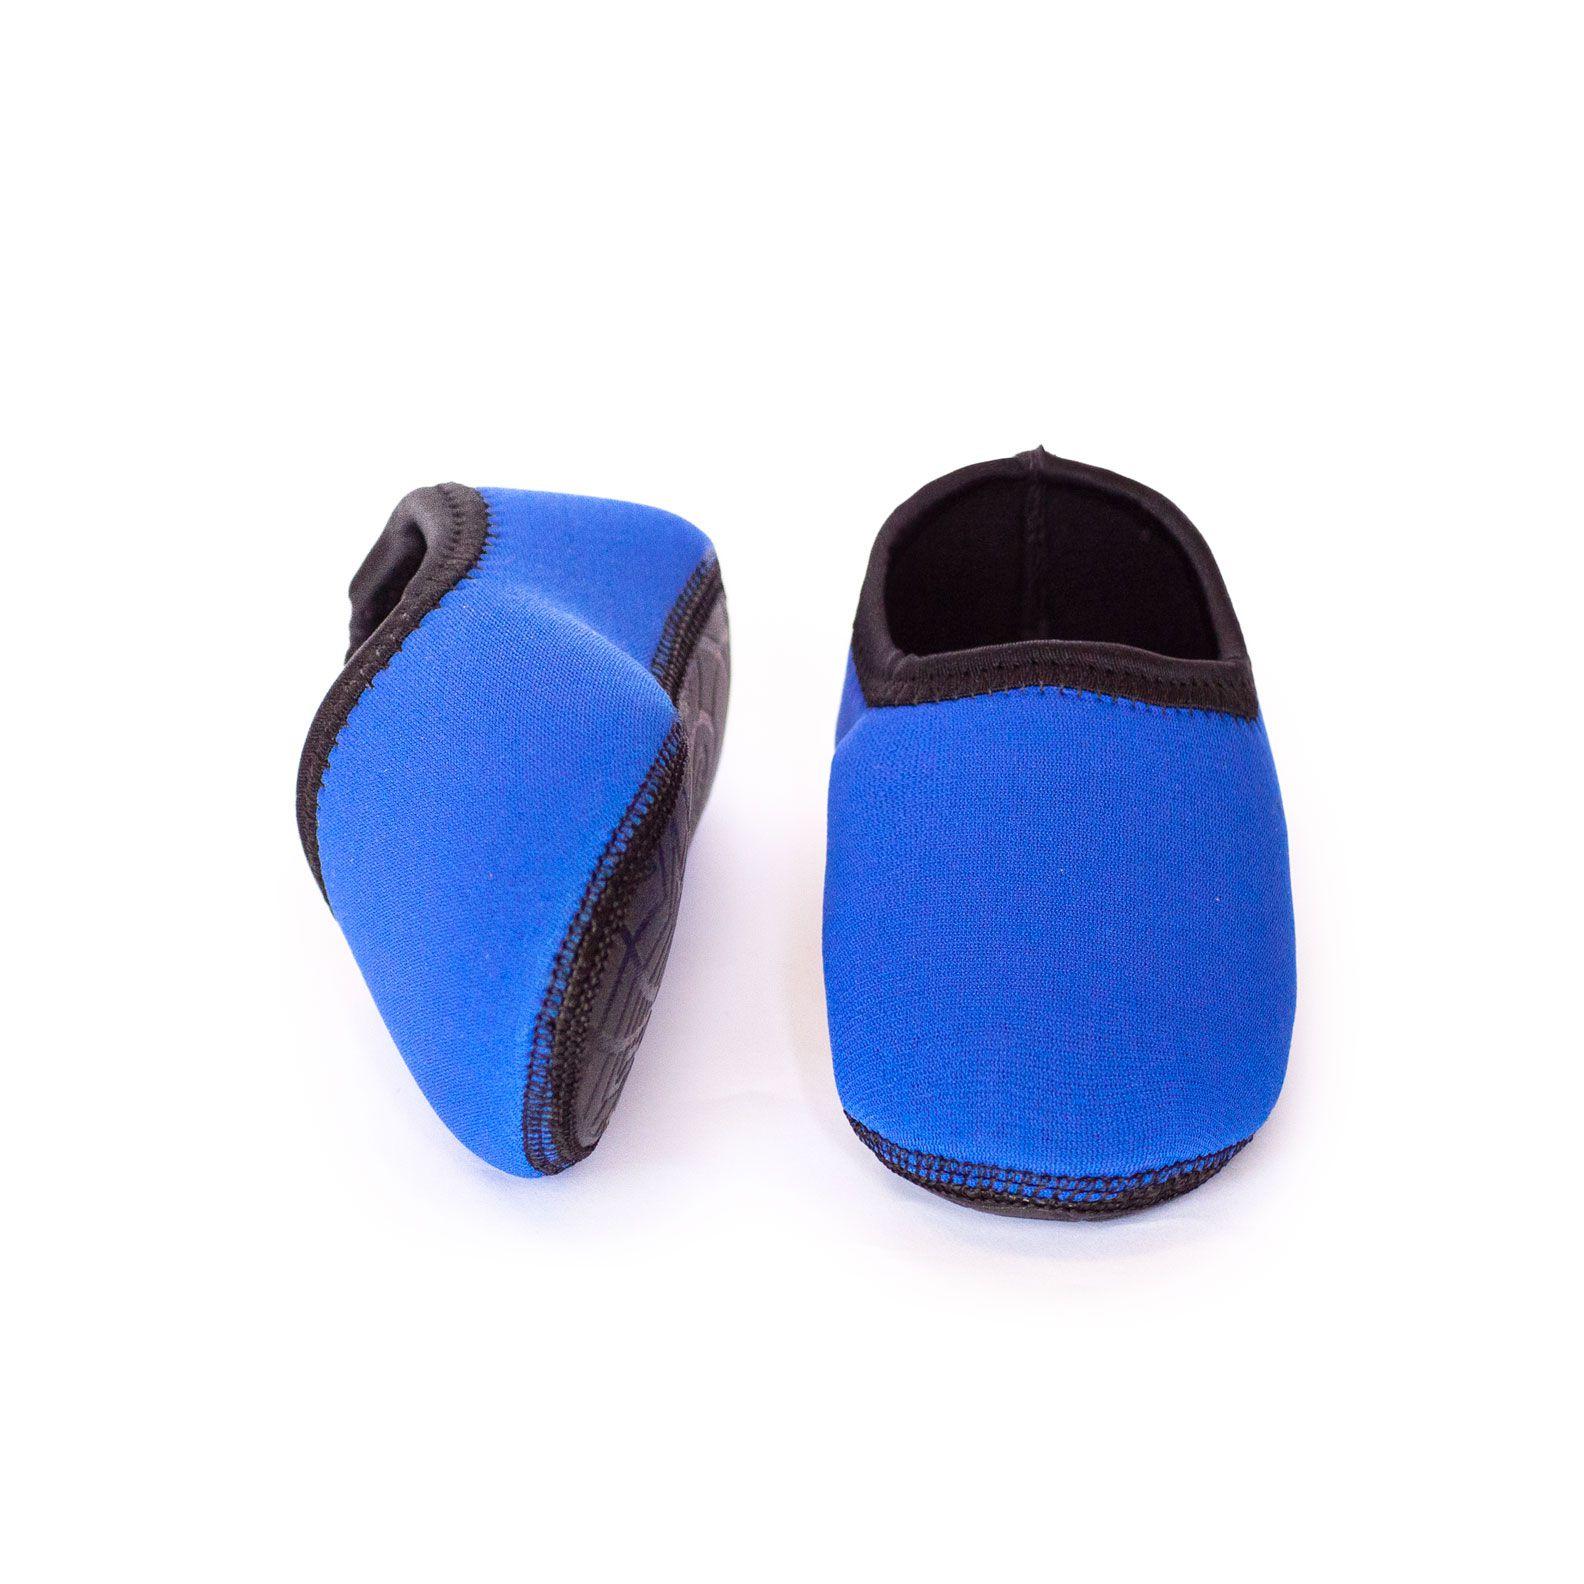 Sapato de Neoprene Infantil Fit Azul Royal Ufrog